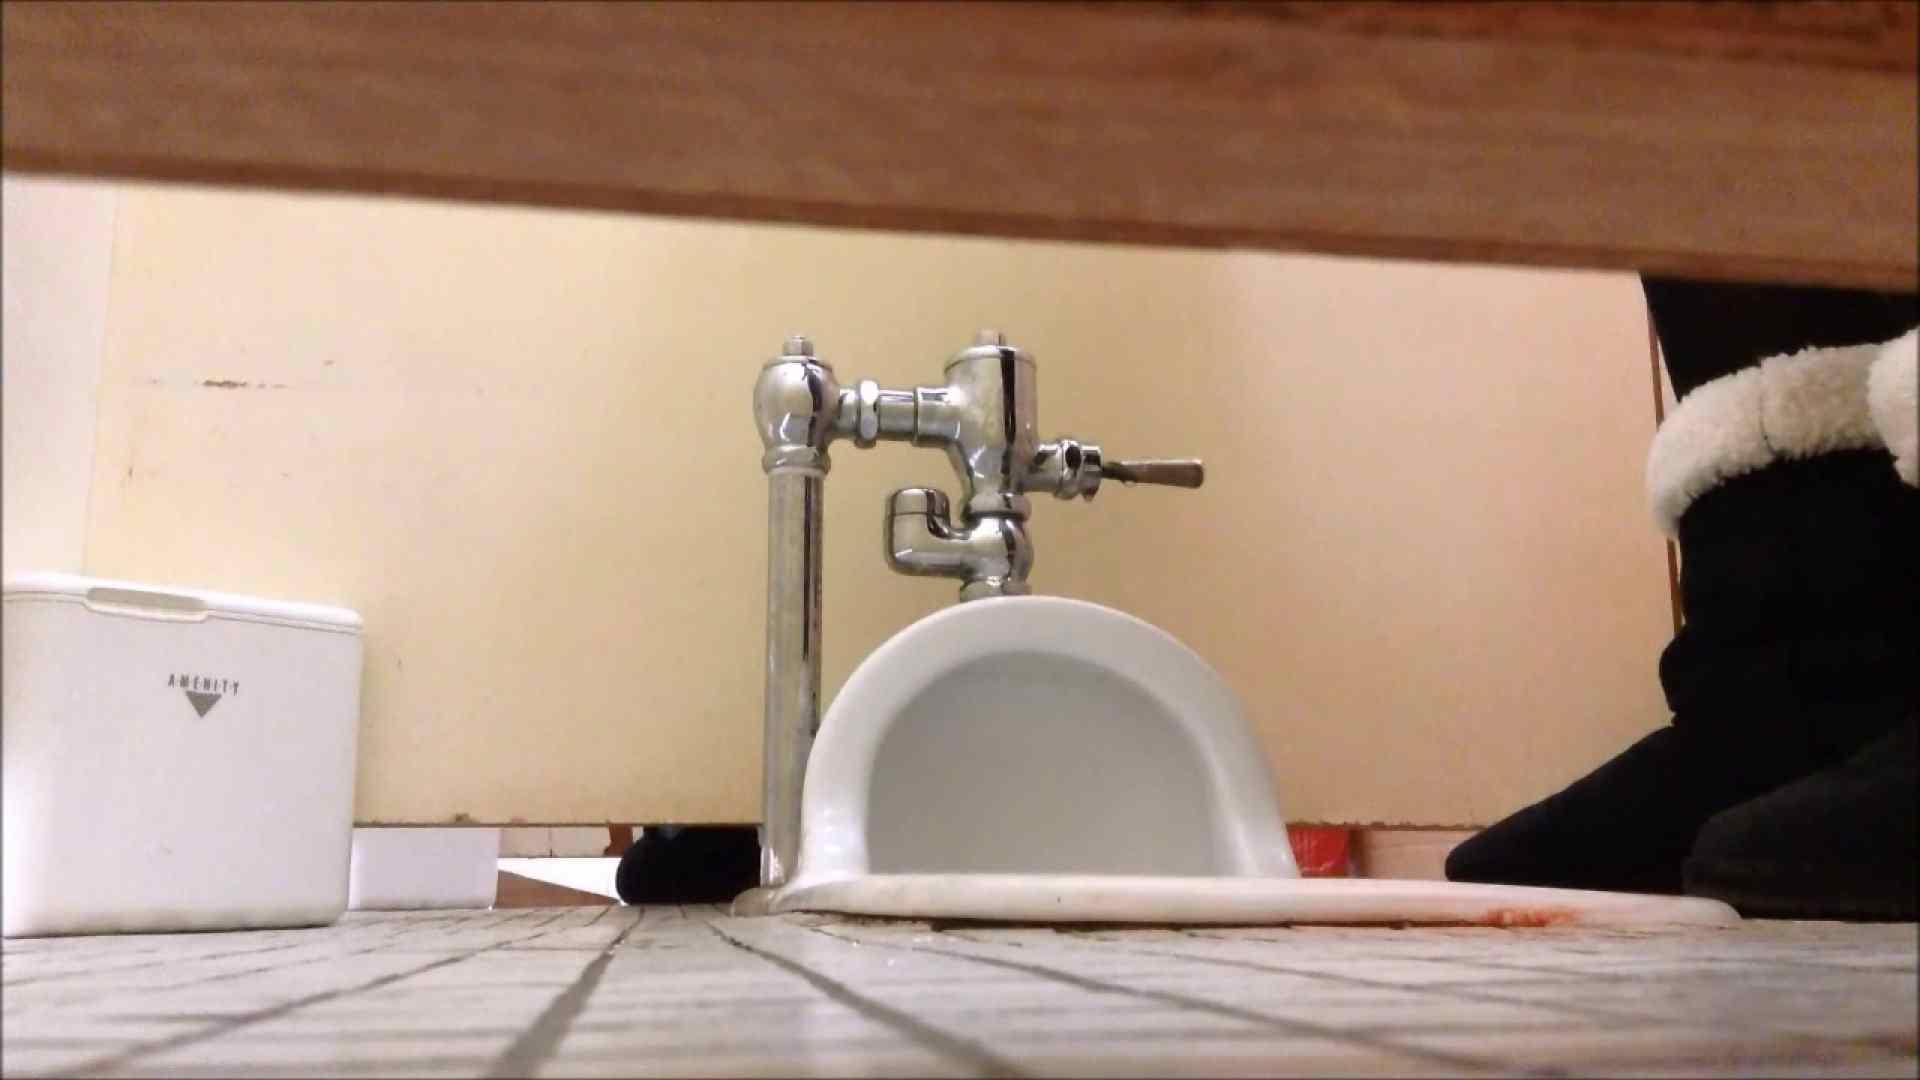 某有名大学女性洗面所 vol.09 洗面所編 オマンコ無修正動画無料 75PIX 11